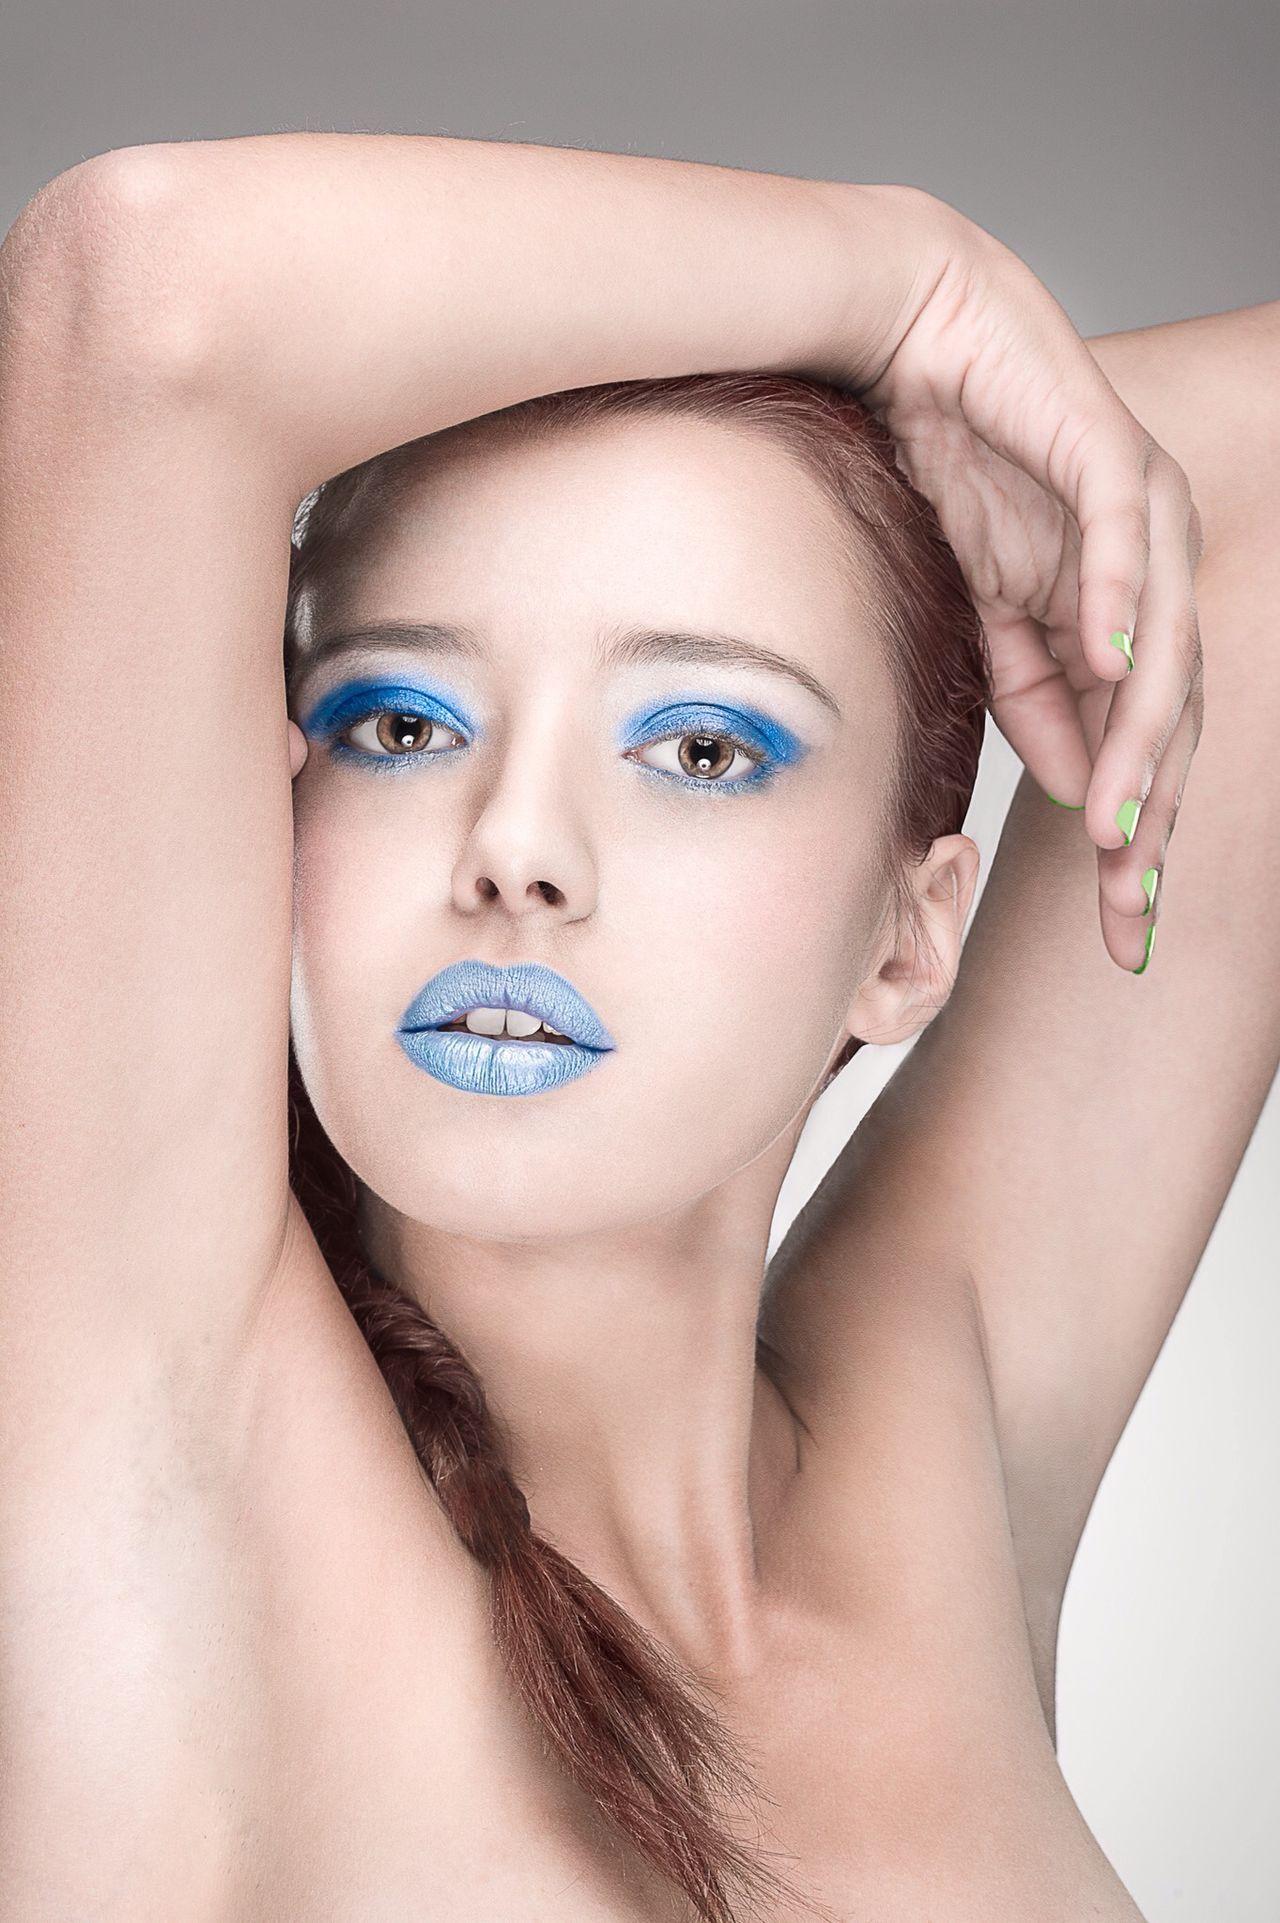 Women Beauty Model Portrait Of A Woman